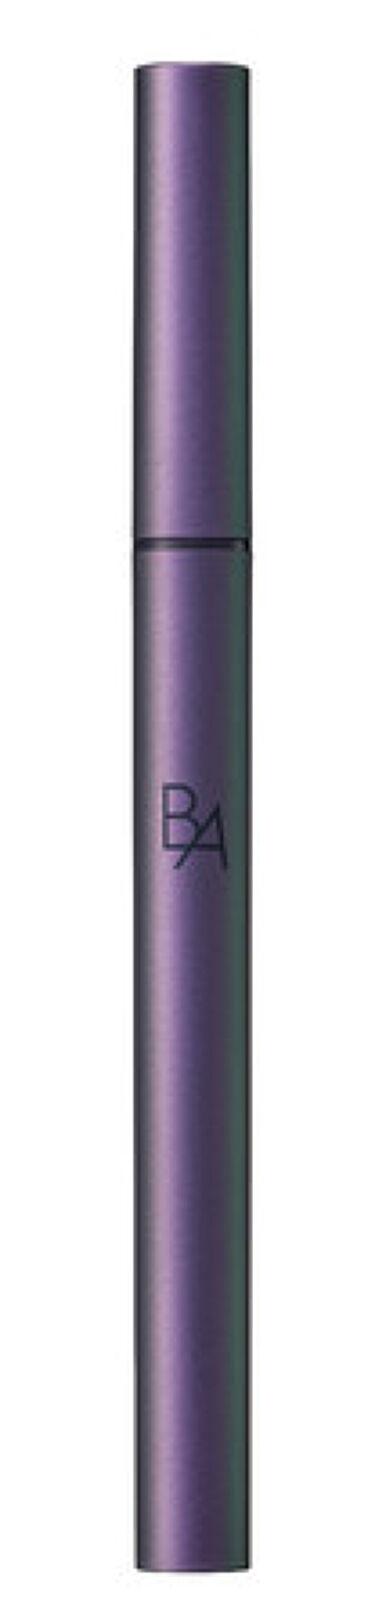 2021/3/1発売 B.A B.A カラーズ アイライナー リキッド